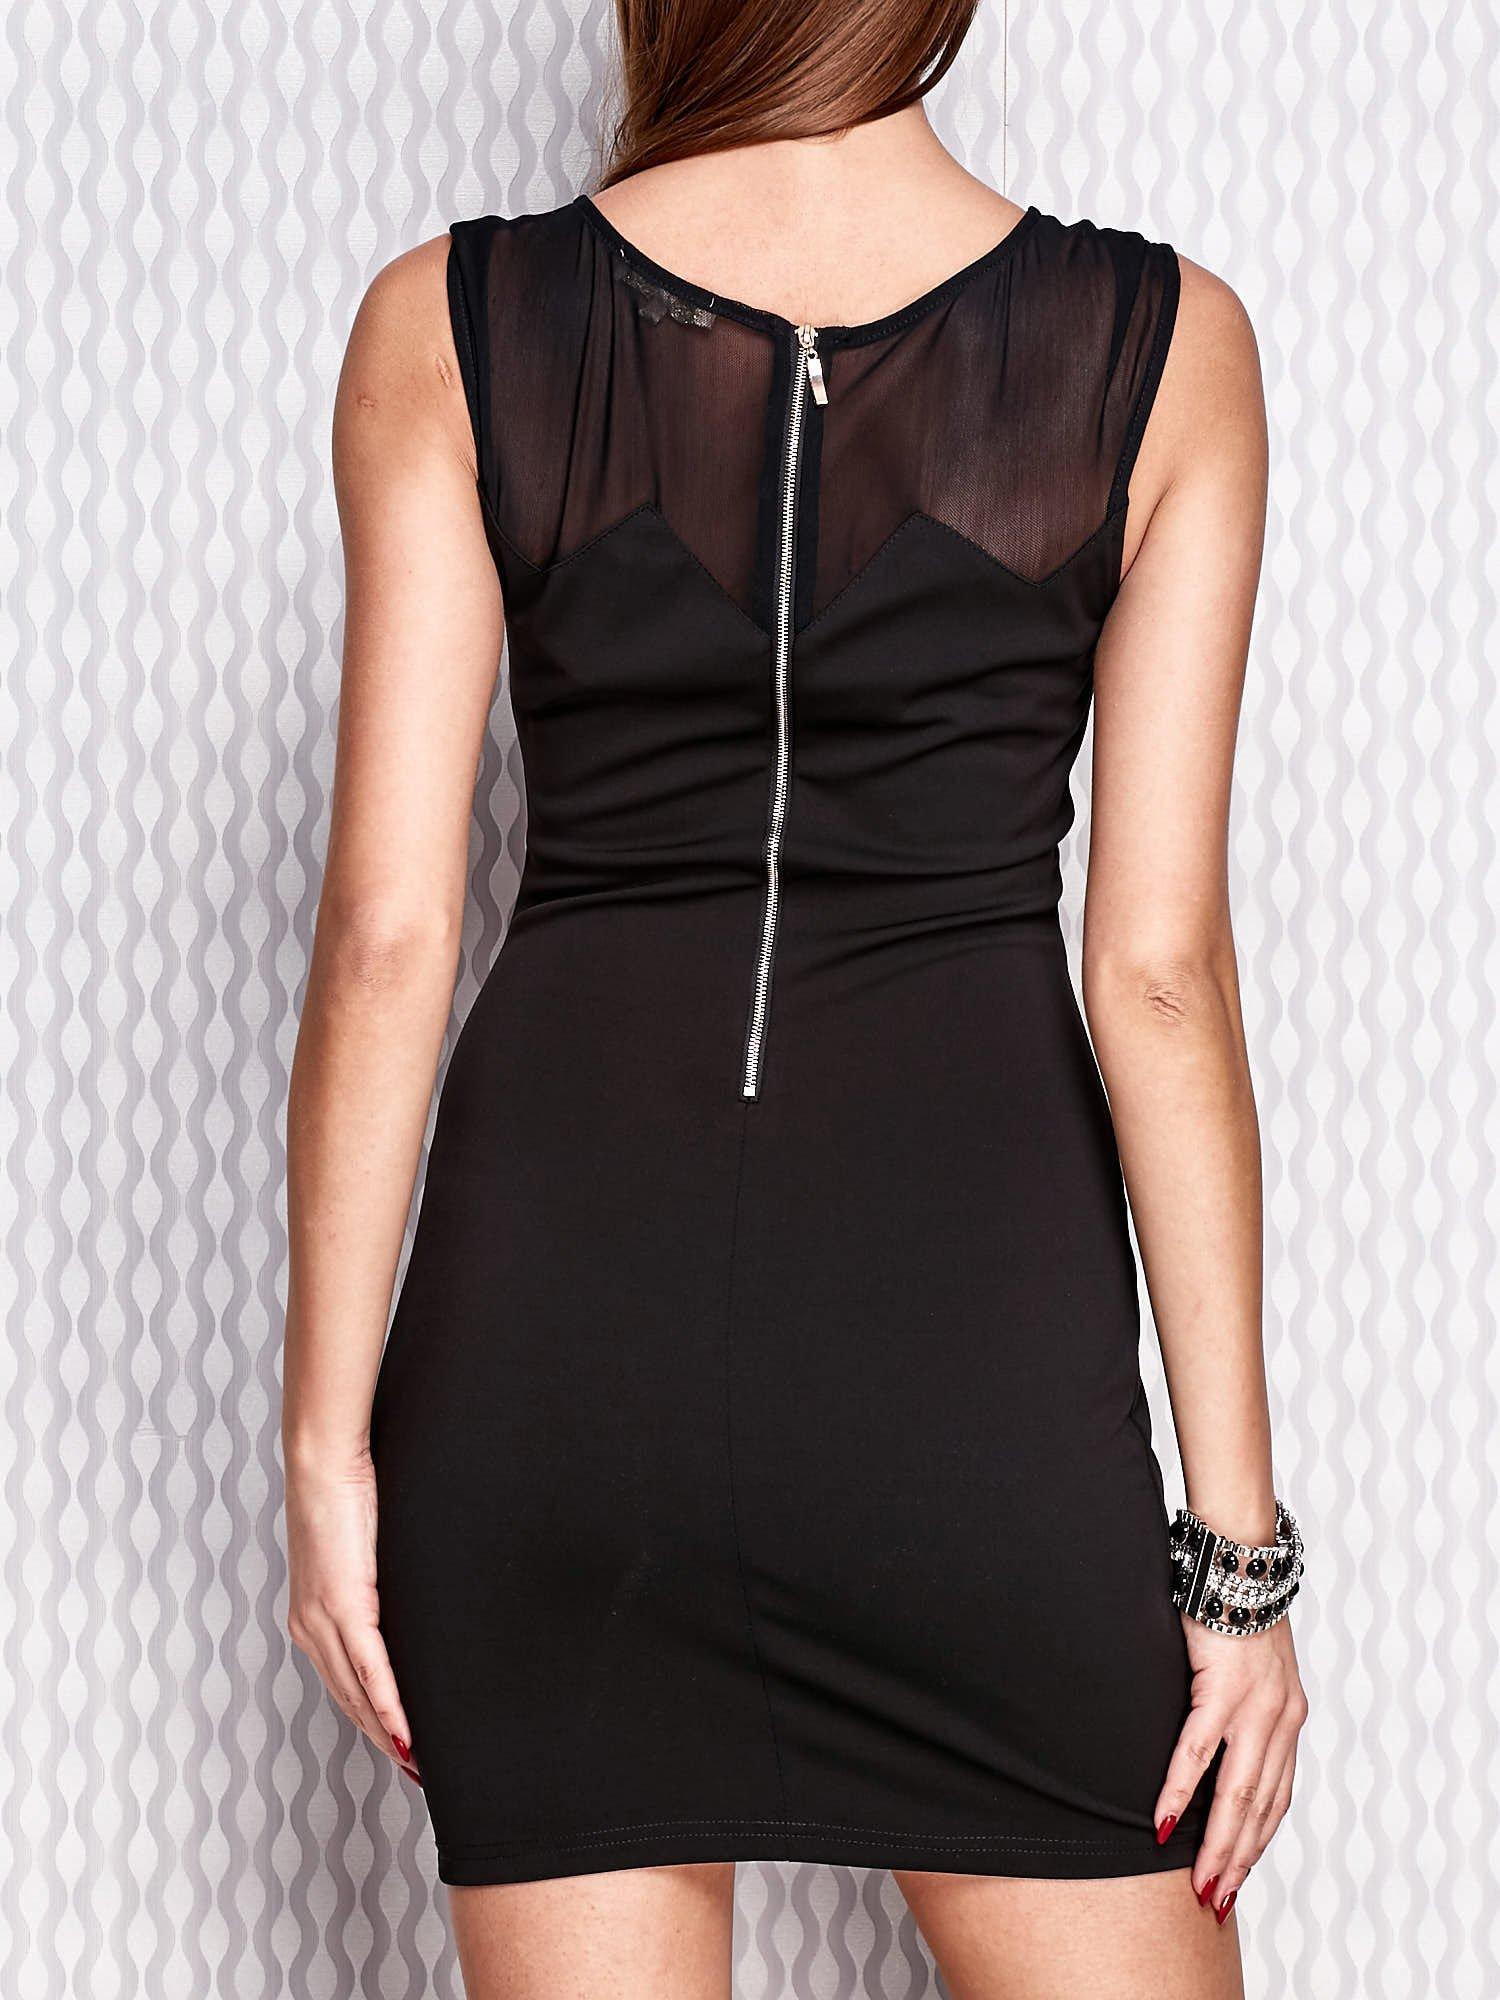 a22693db8e Czarna dopasowana sukienka z błyszczącą aplikacją - Sukienka ...